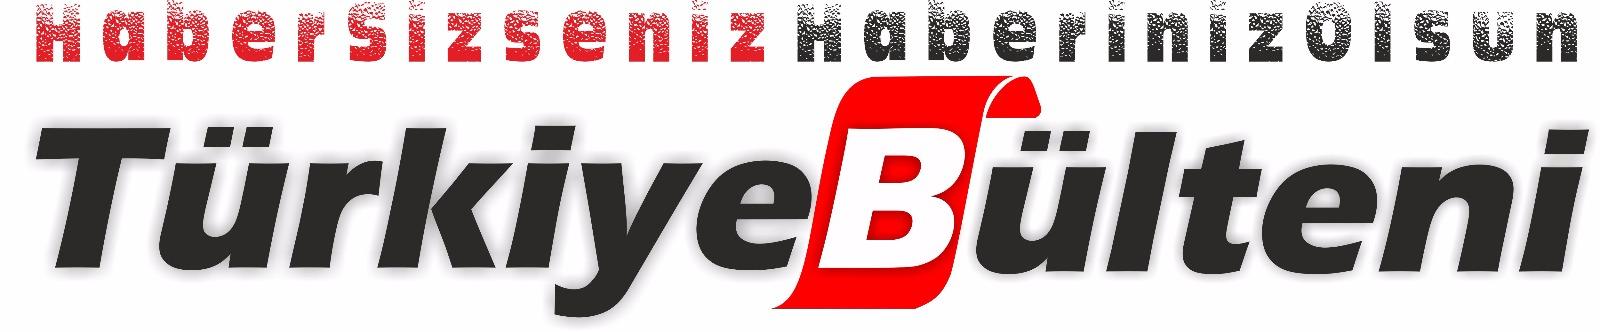 www.turkiyebulteni.com